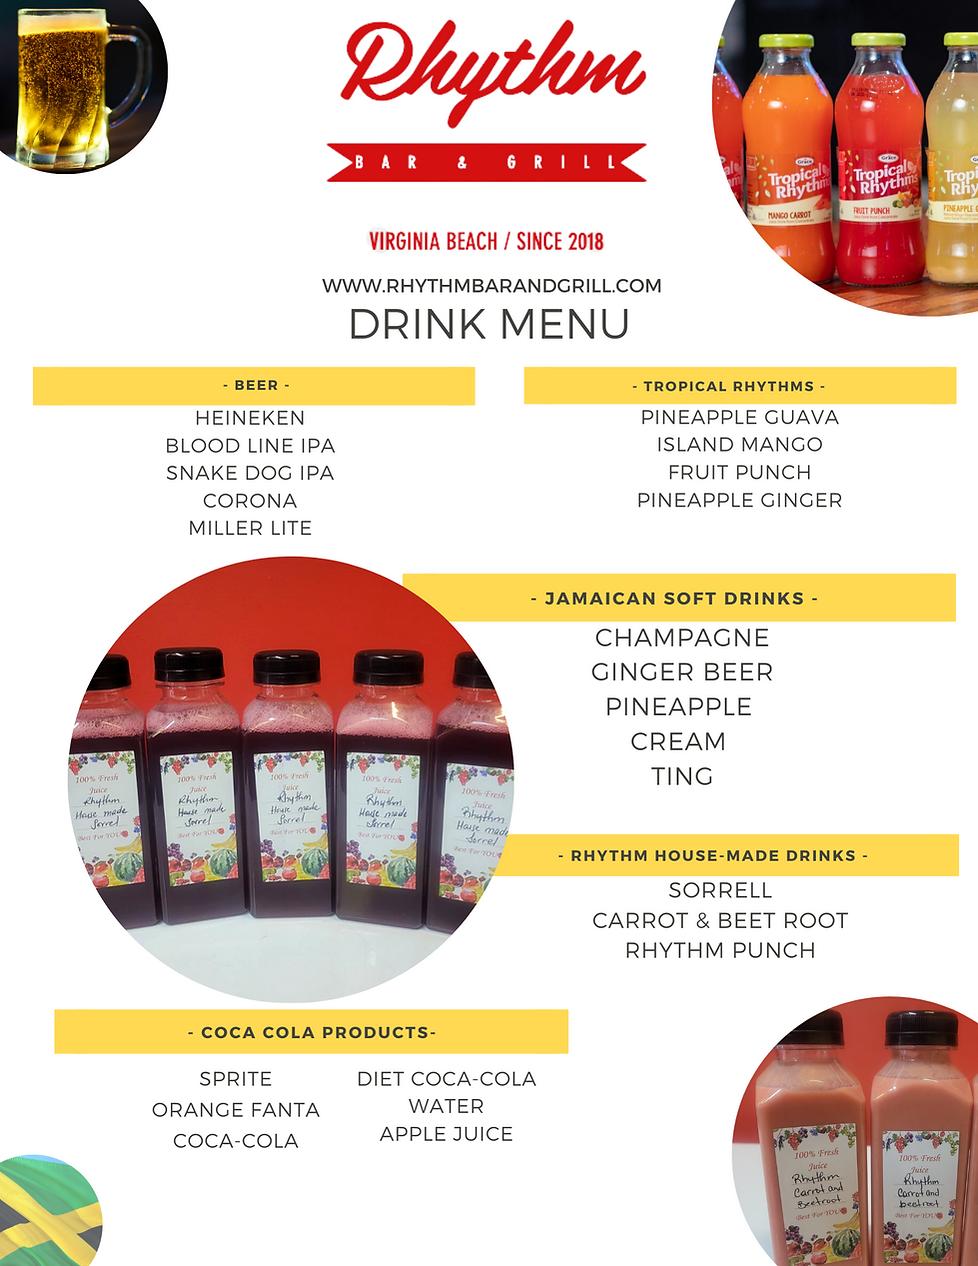 Rhythm Bar & Grill Drink Menu